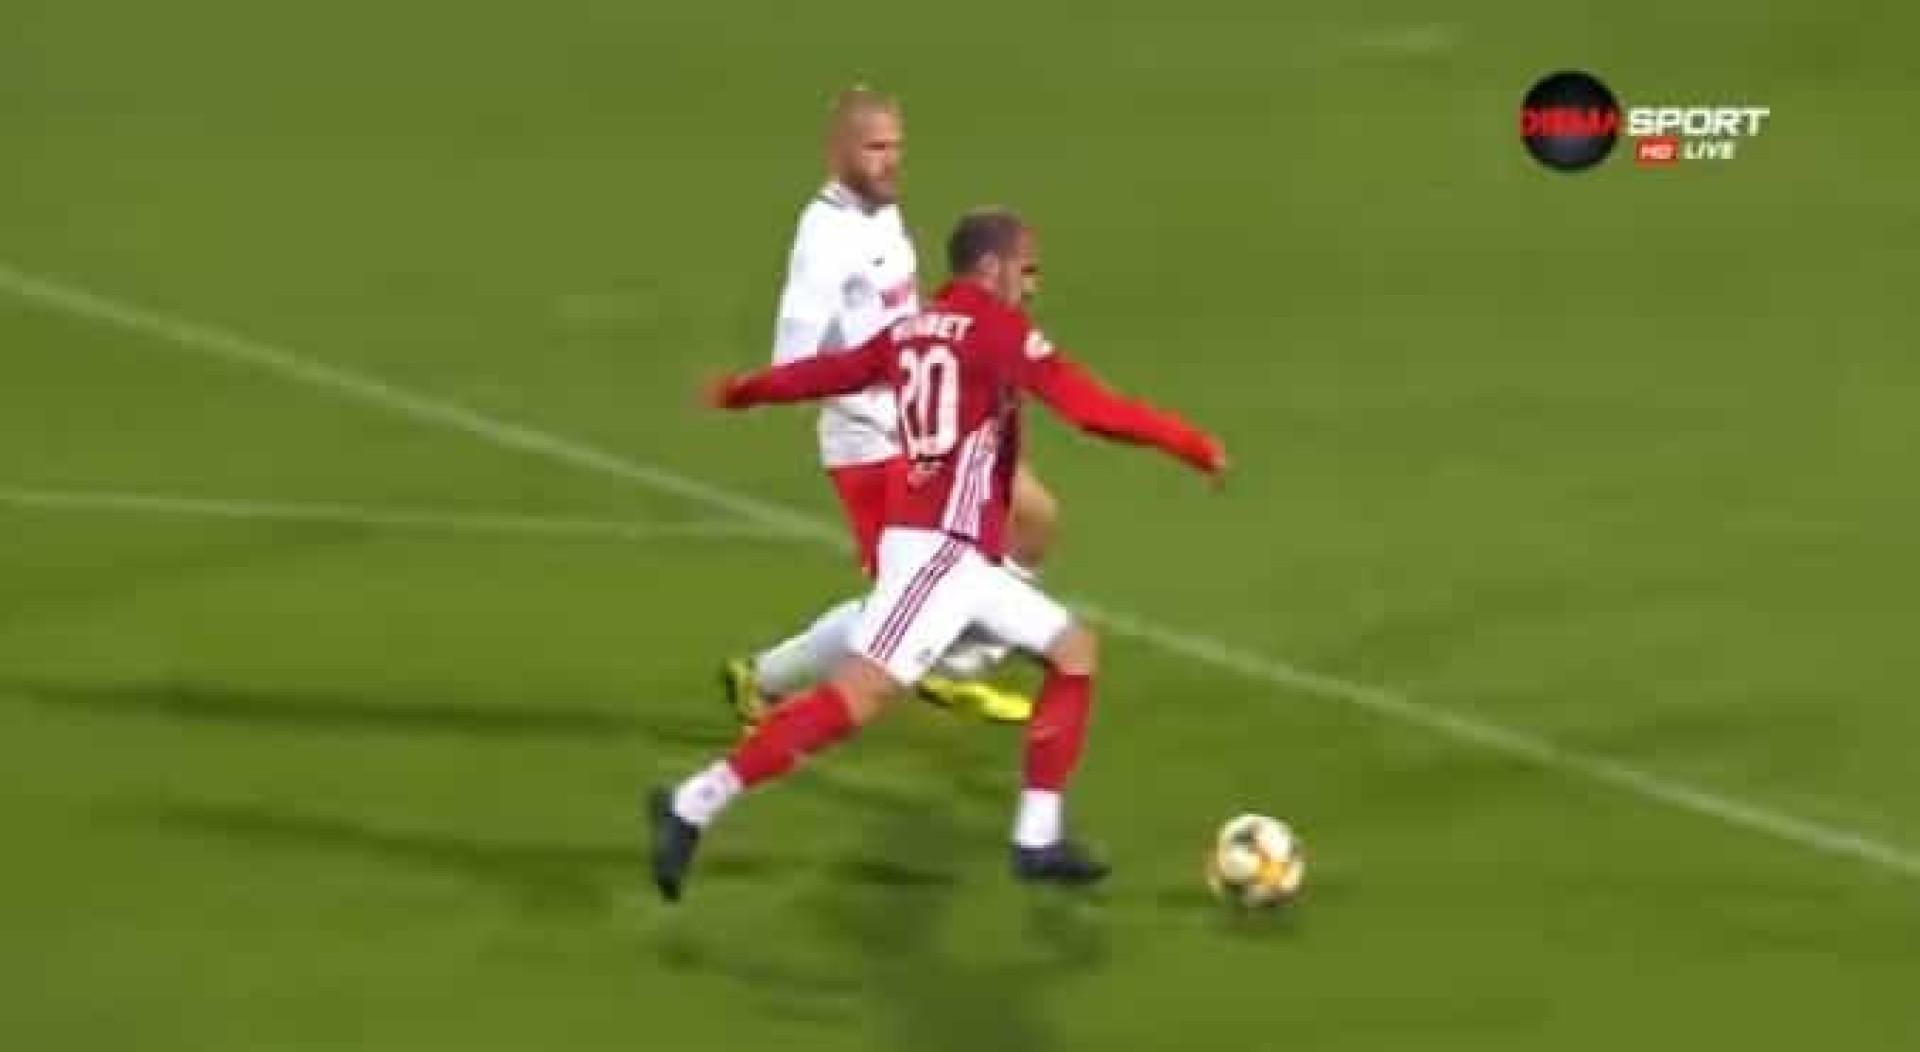 Tiago Rodrigues marca e ajuda CSKA Sófia a derrotar o Tsarsko Selo